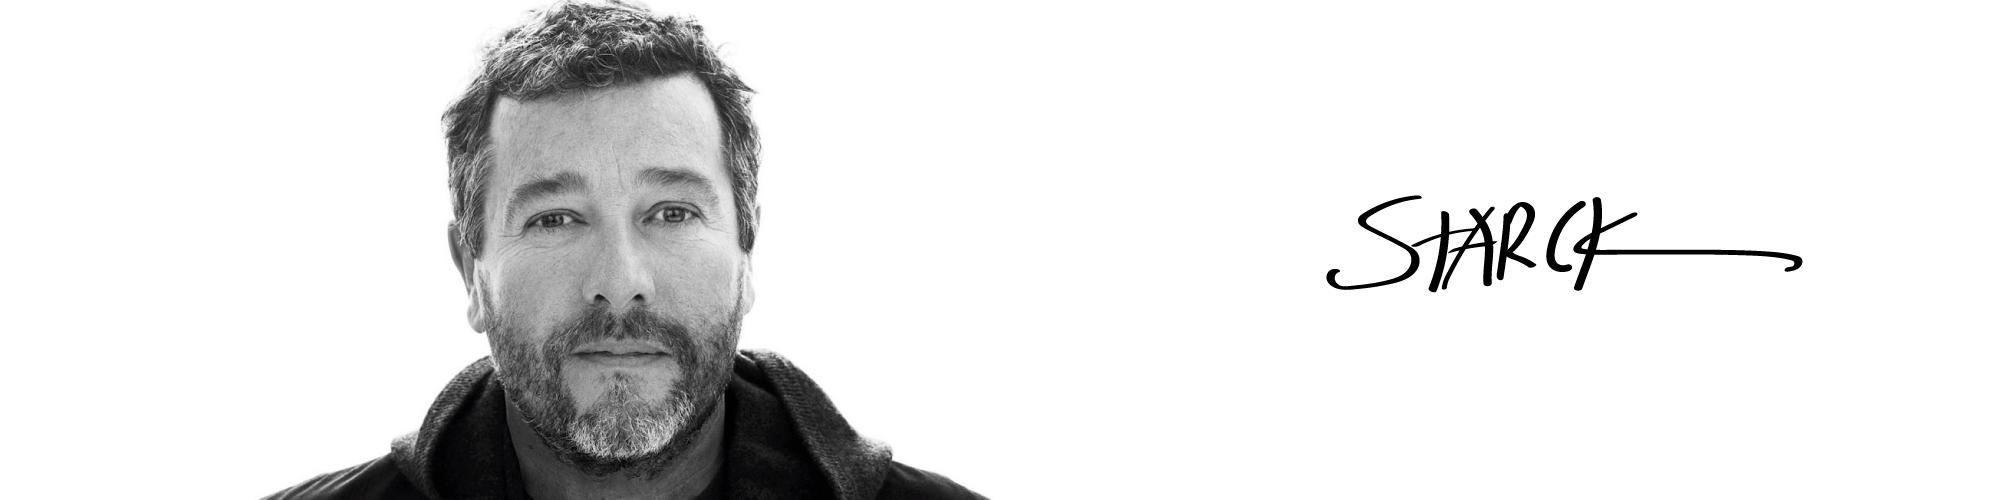 Philippe Starck <br/>Un vulcano di creatività